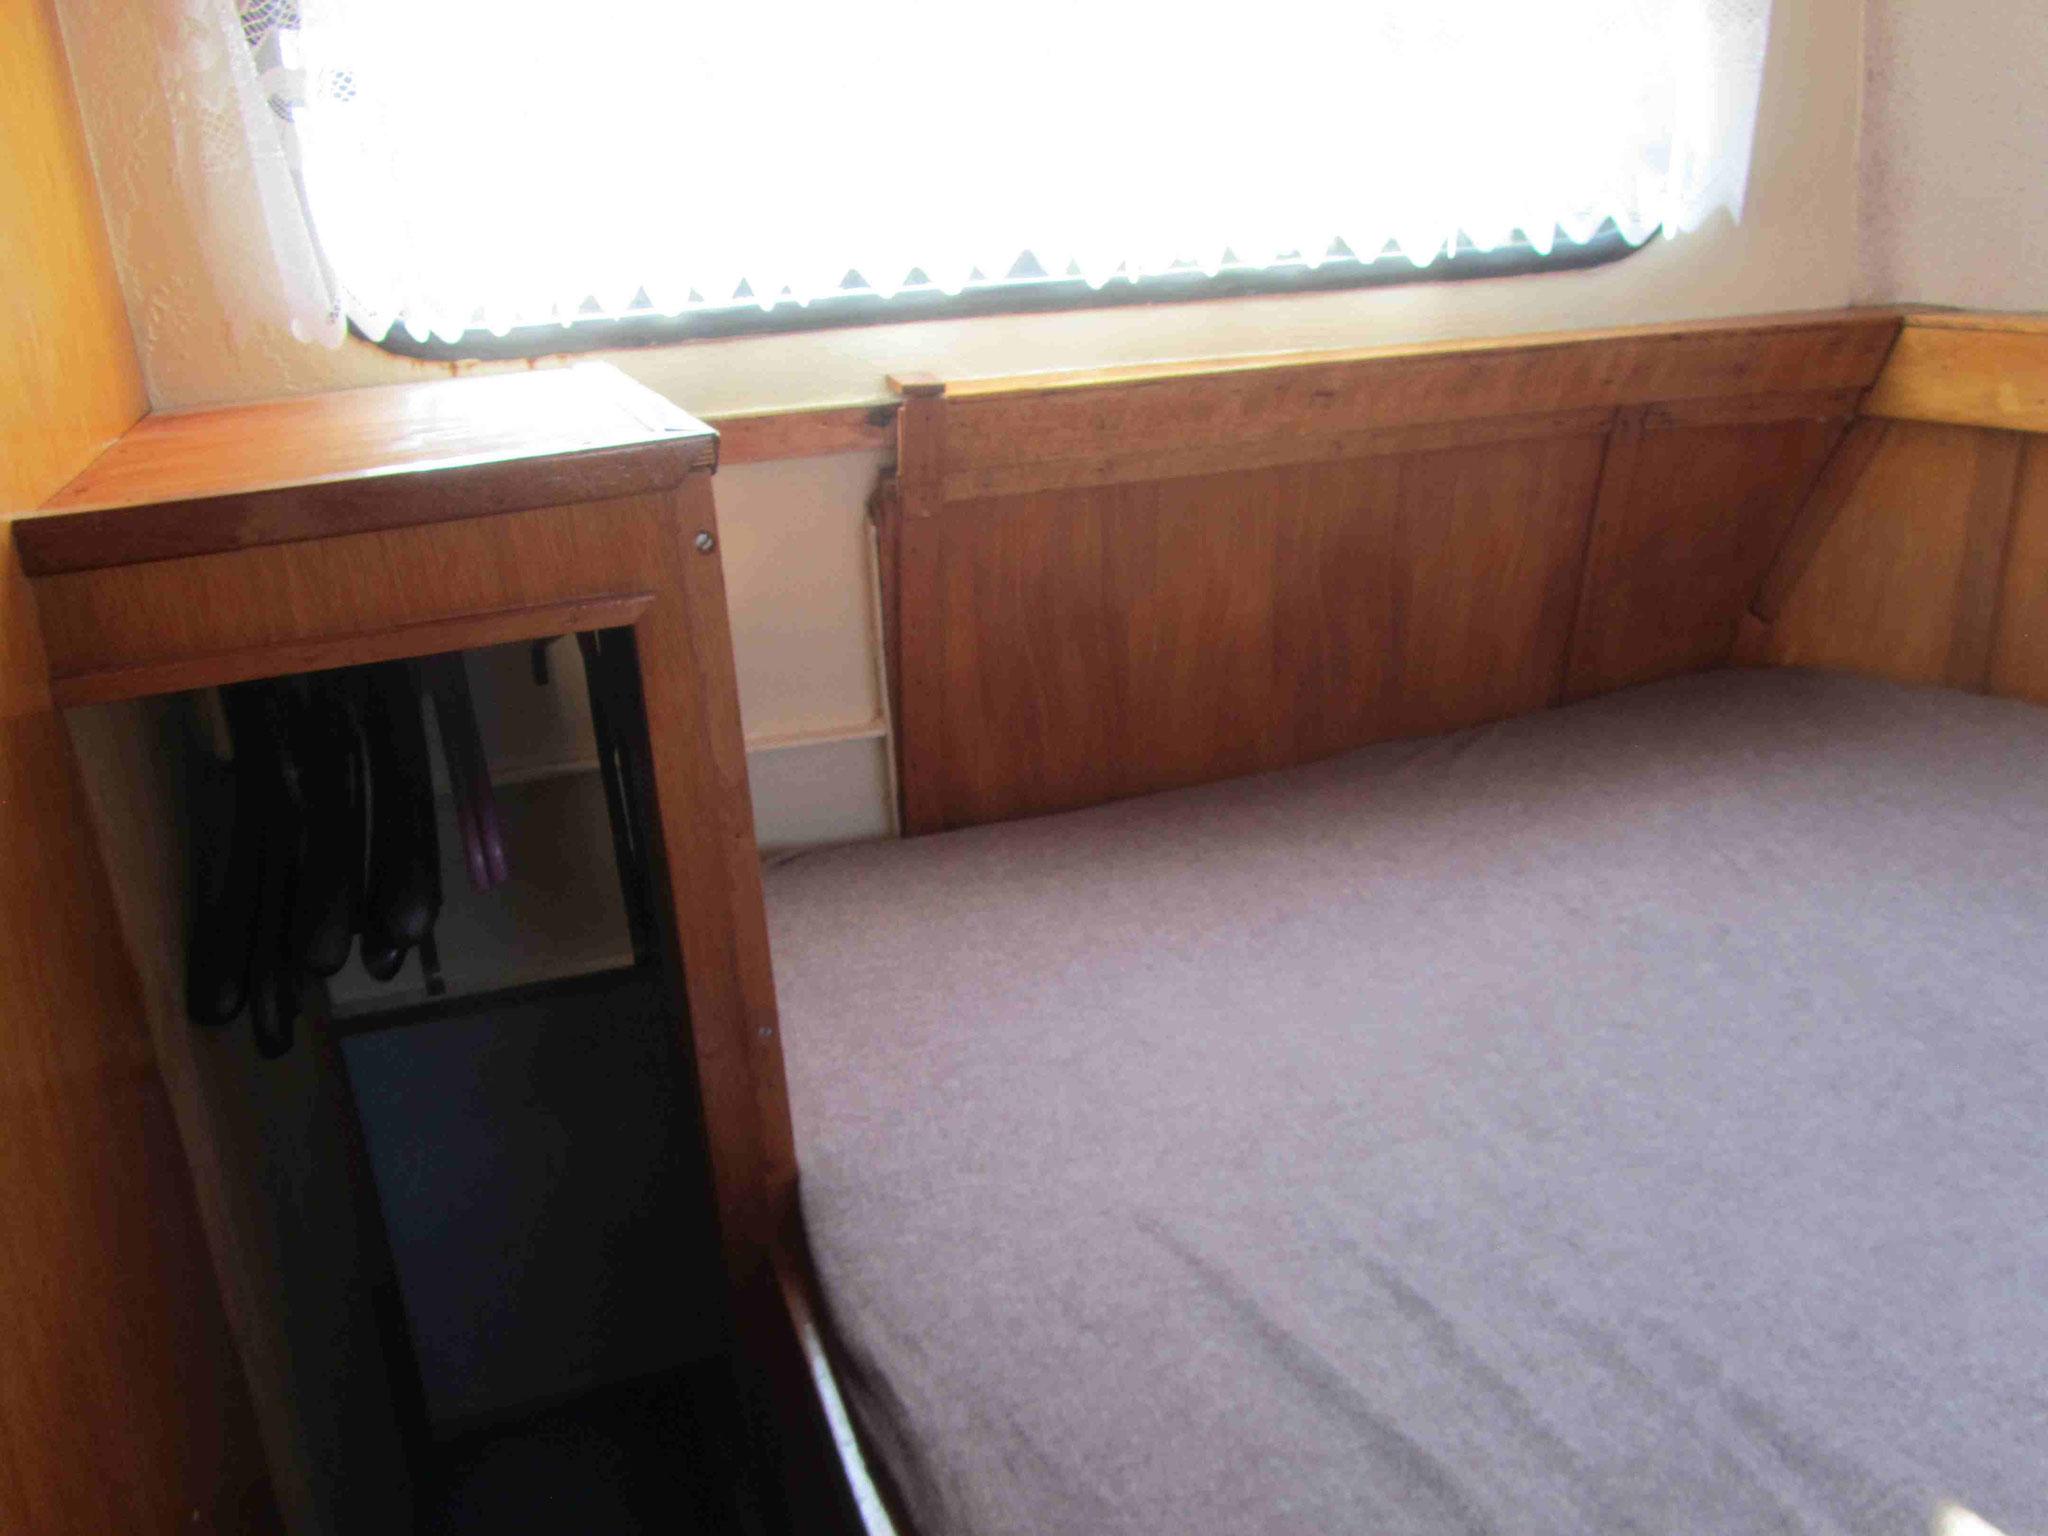 riesiges Bett in der Achterkajüte - hier ging nur reinkriechen und liegen